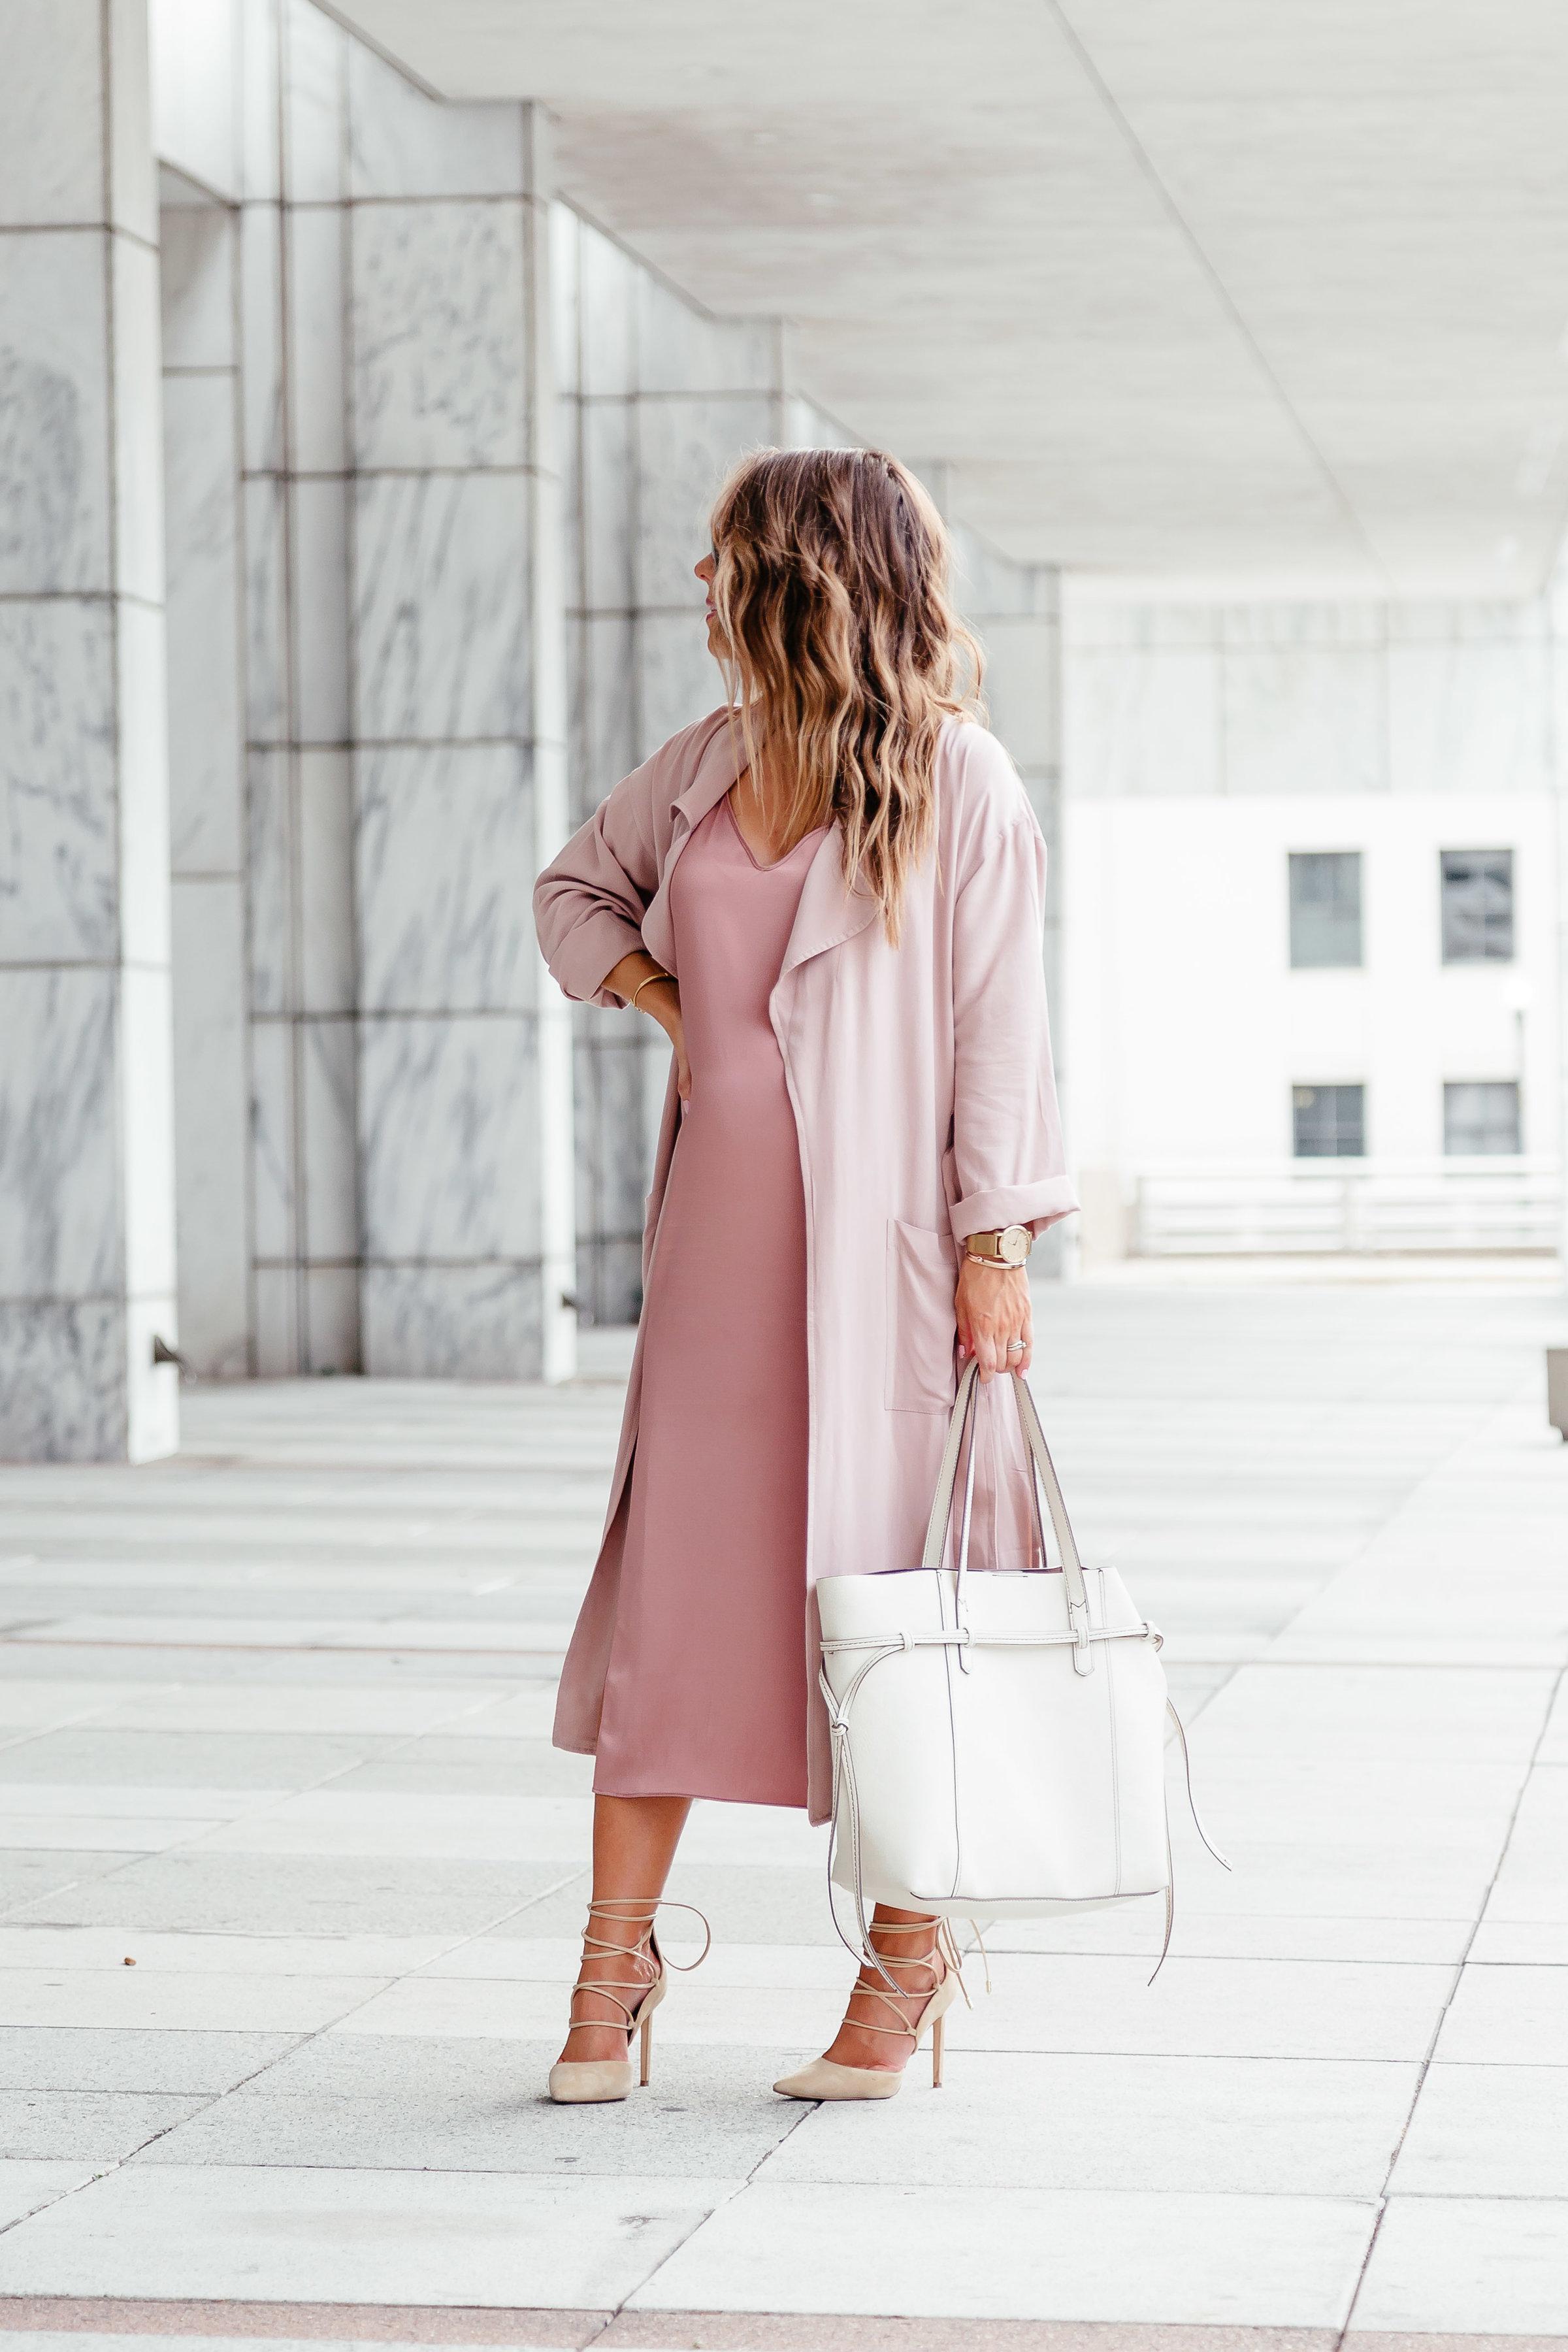 3 Ways to Style a Slip Dress